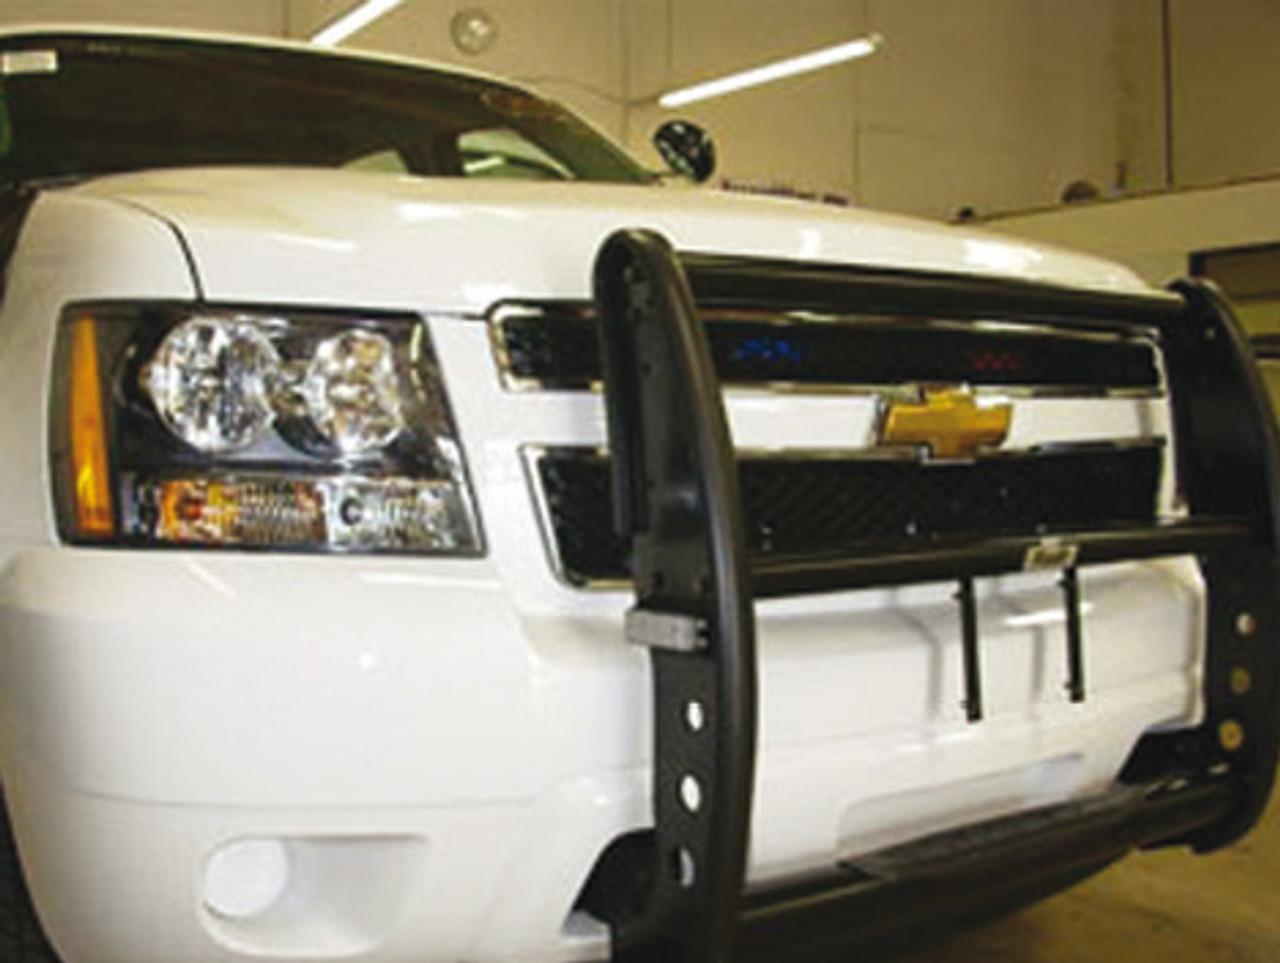 Go Rhino Tahoe 2000-2006 SUV Push Bumper Grill Guard